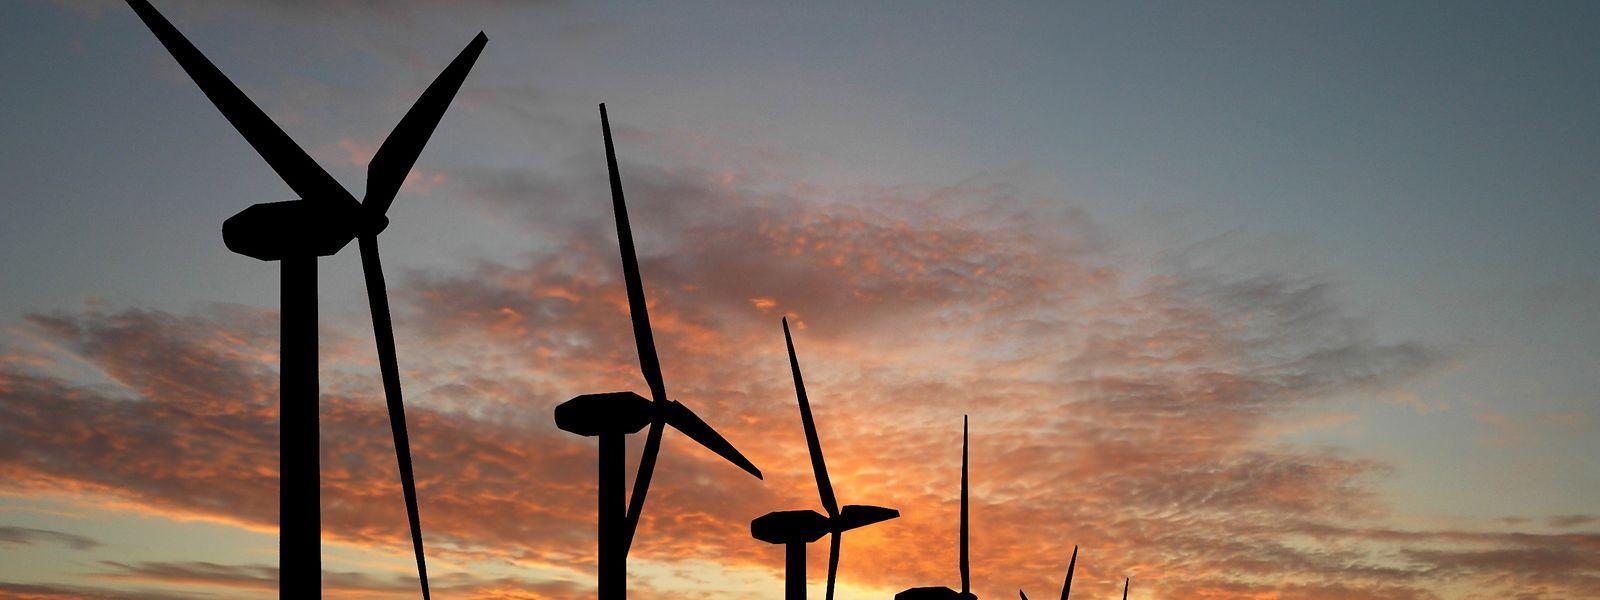 Enorme Energieleistung: Bis 2030 will Luxemburg den Anteil an erneuerbaren Energien mehr als verdoppeln.